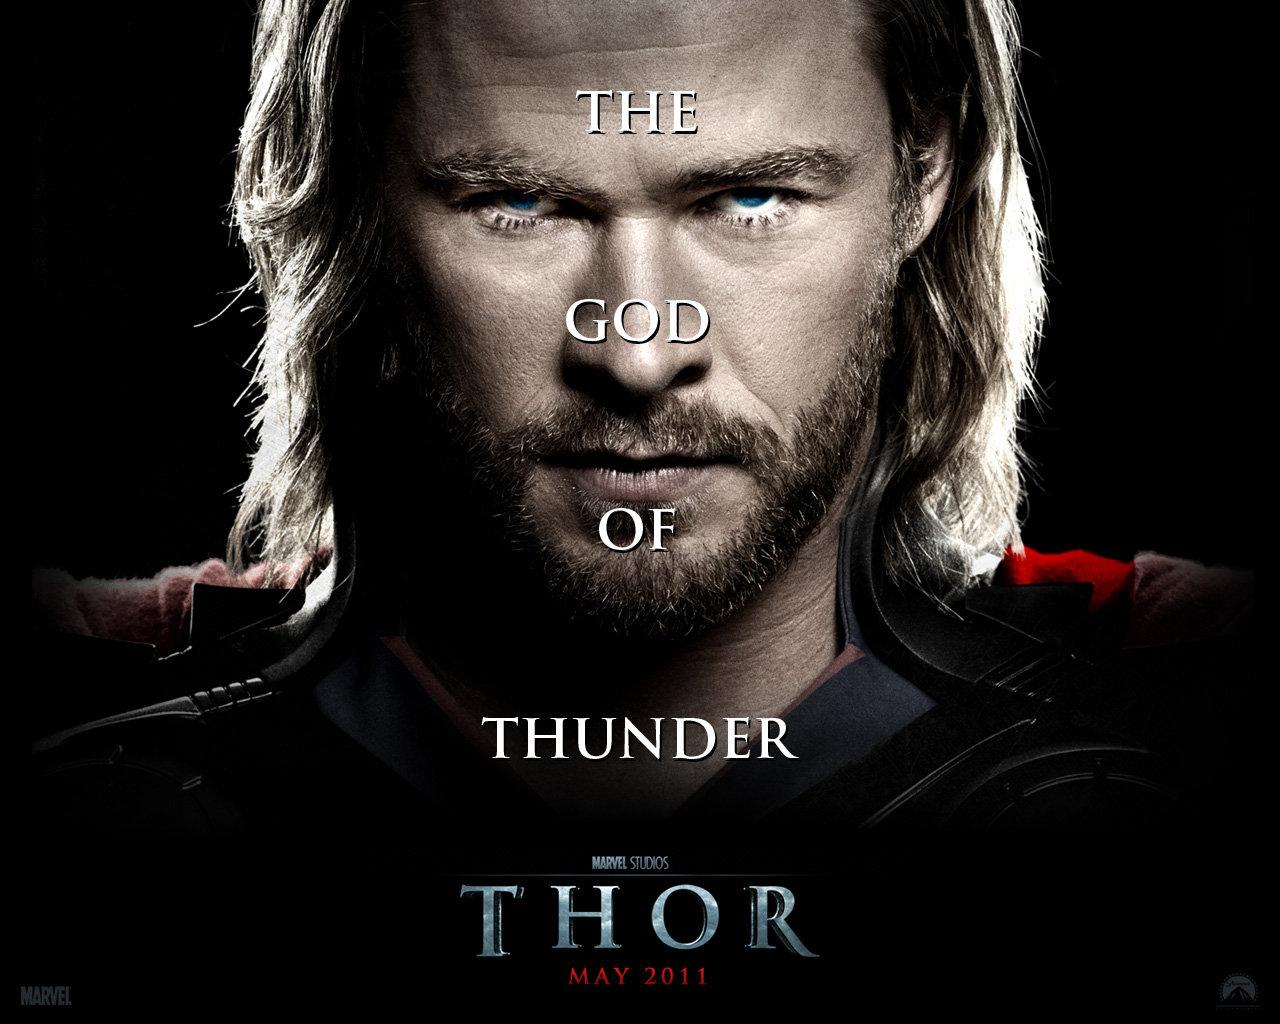 http://3.bp.blogspot.com/-OcBUTjxJ0tw/Tv05cdQj2rI/AAAAAAAACls/qmljulPQD2Q/s1600/Thor-Wallpaper-01.jpg